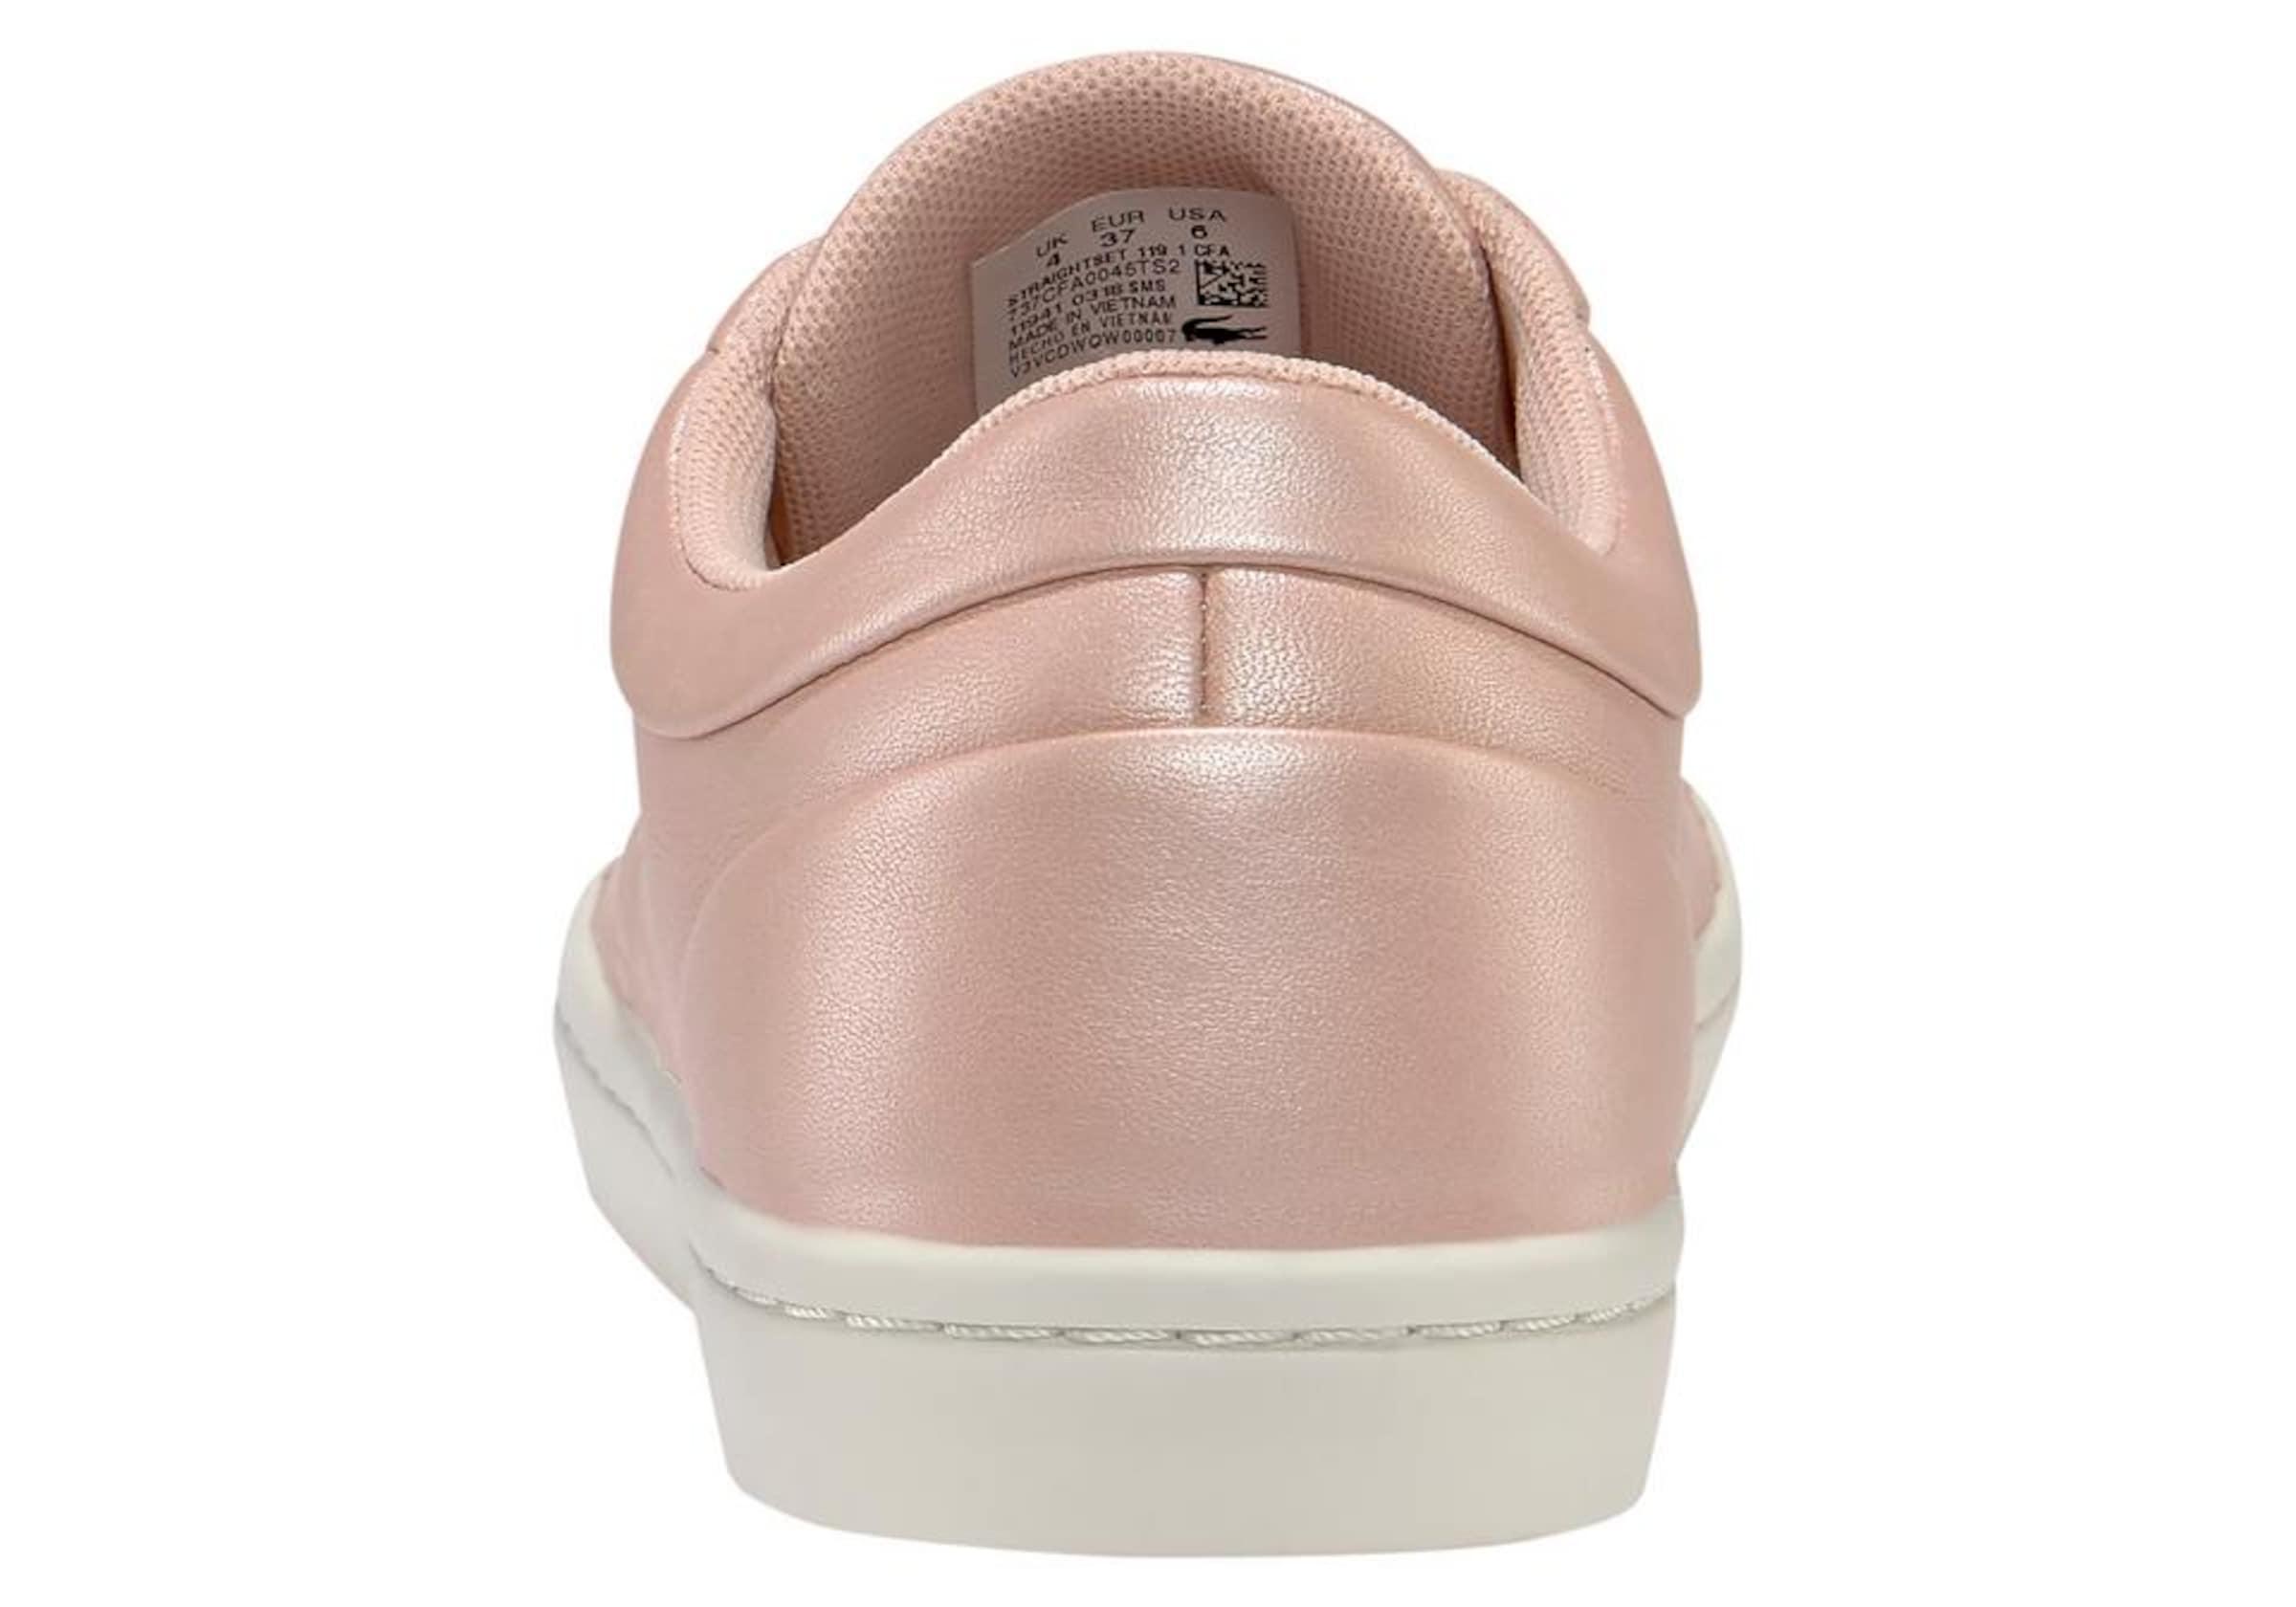 Cfa' 119 In Lacoste 'straightset 1 Sneaker Rosé 0w8nOkPX